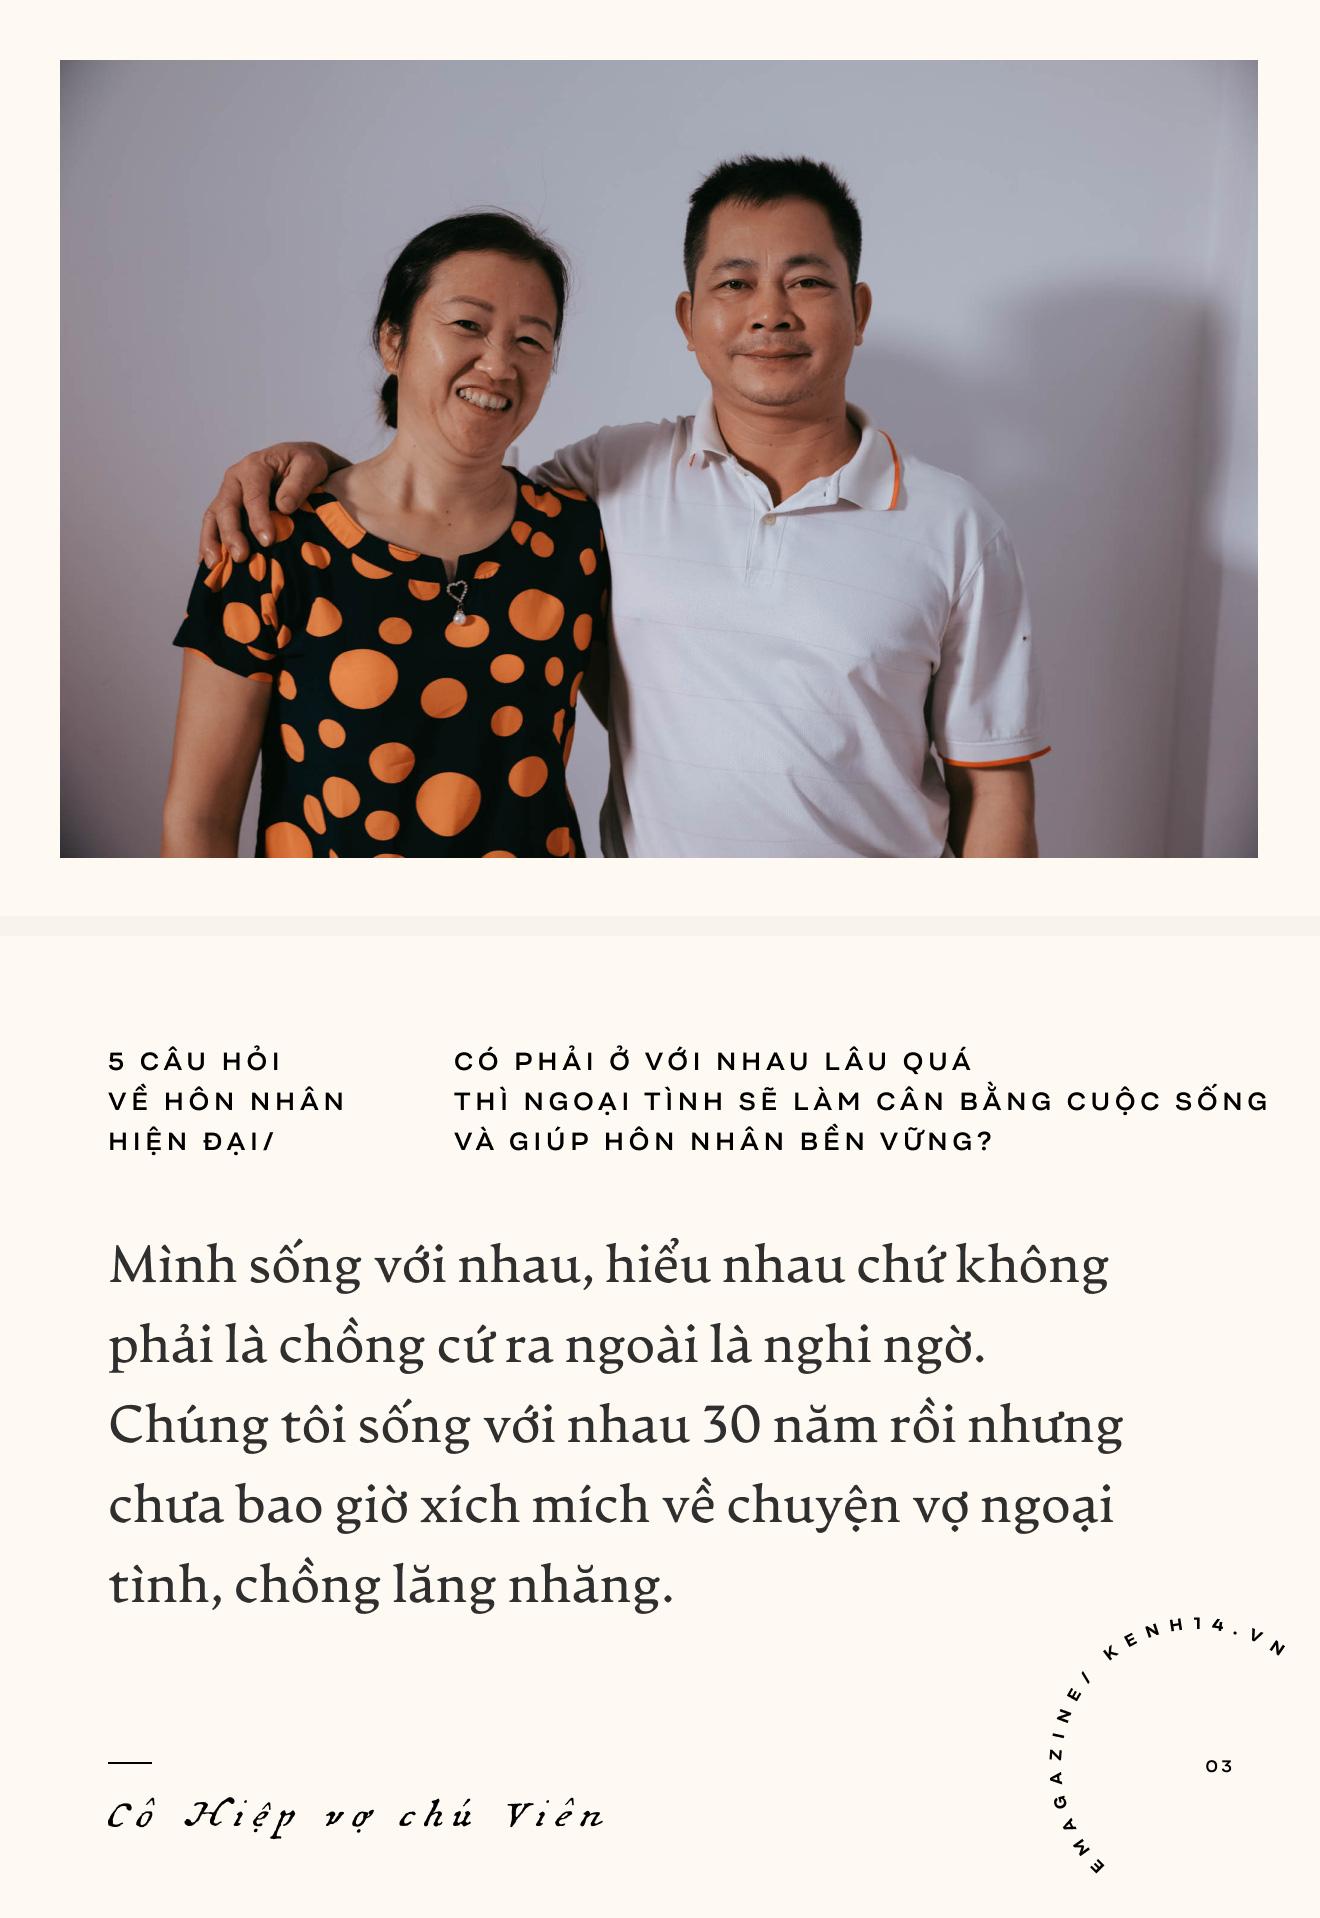 Chân dung hôn nhân qua 5 câu hỏi: Có gì khác biệt trong góc nhìn của người mới kết hôn, đã ly hôn và ở bên nhau 20 năm? - Ảnh 16.